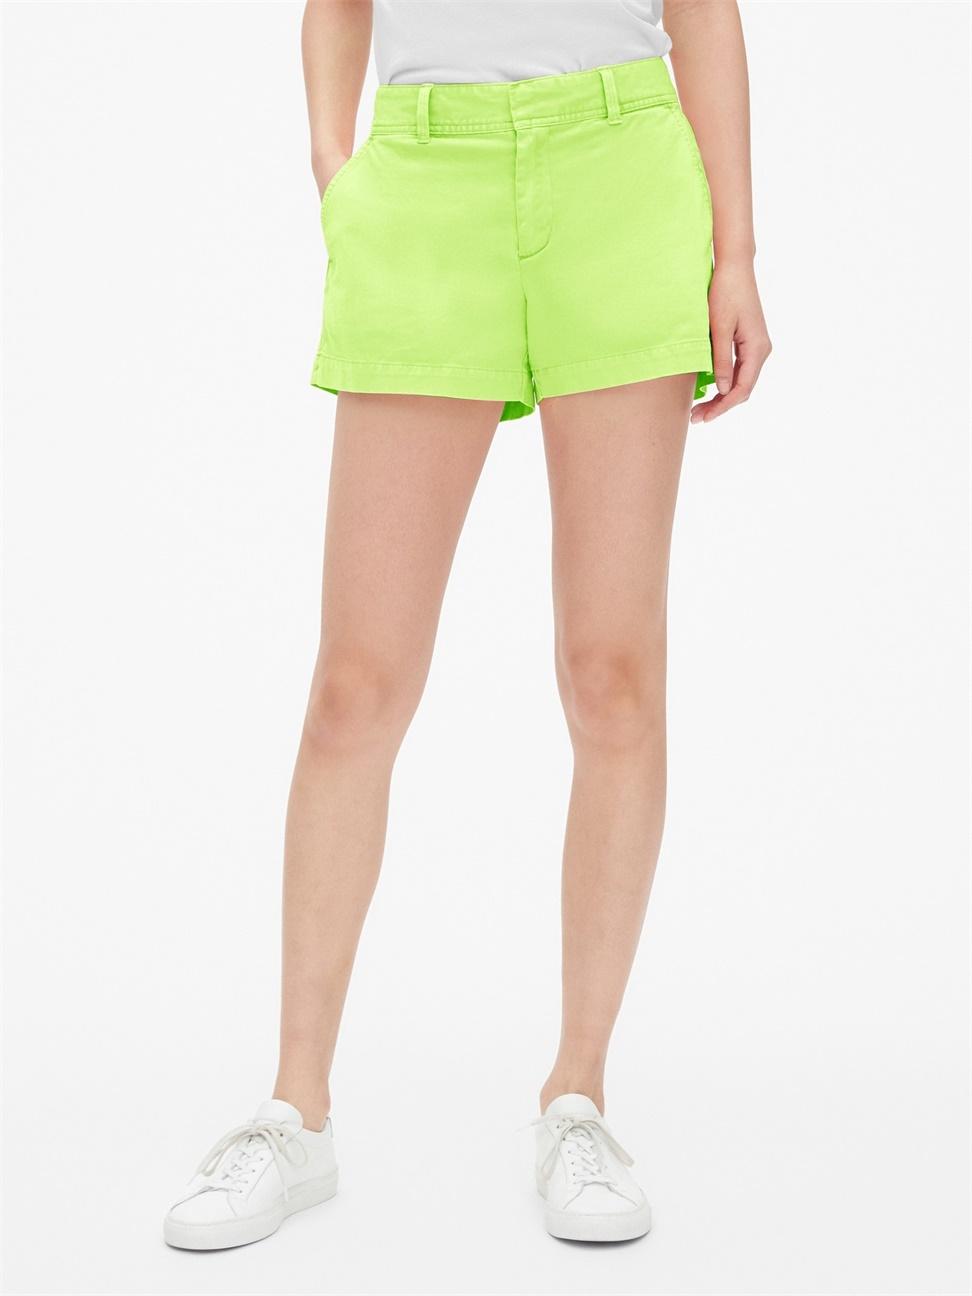 女裝 寬鬆都市風中腰短褲